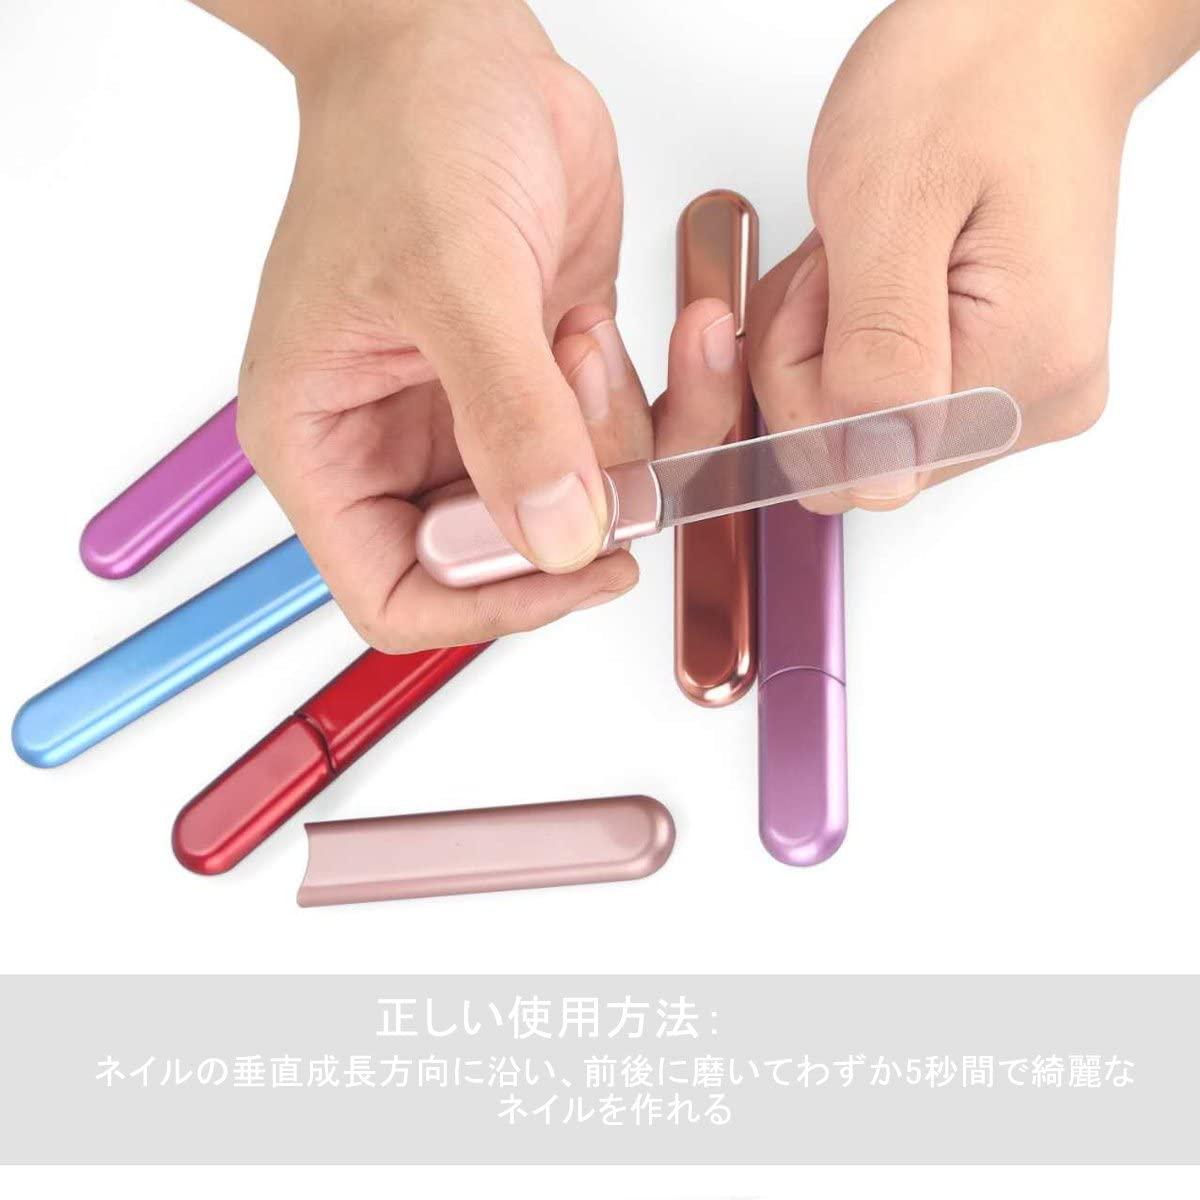 Midenso(ミデンソ) ネイルファイル 爪やすり 爪磨き ケース付きの商品画像3